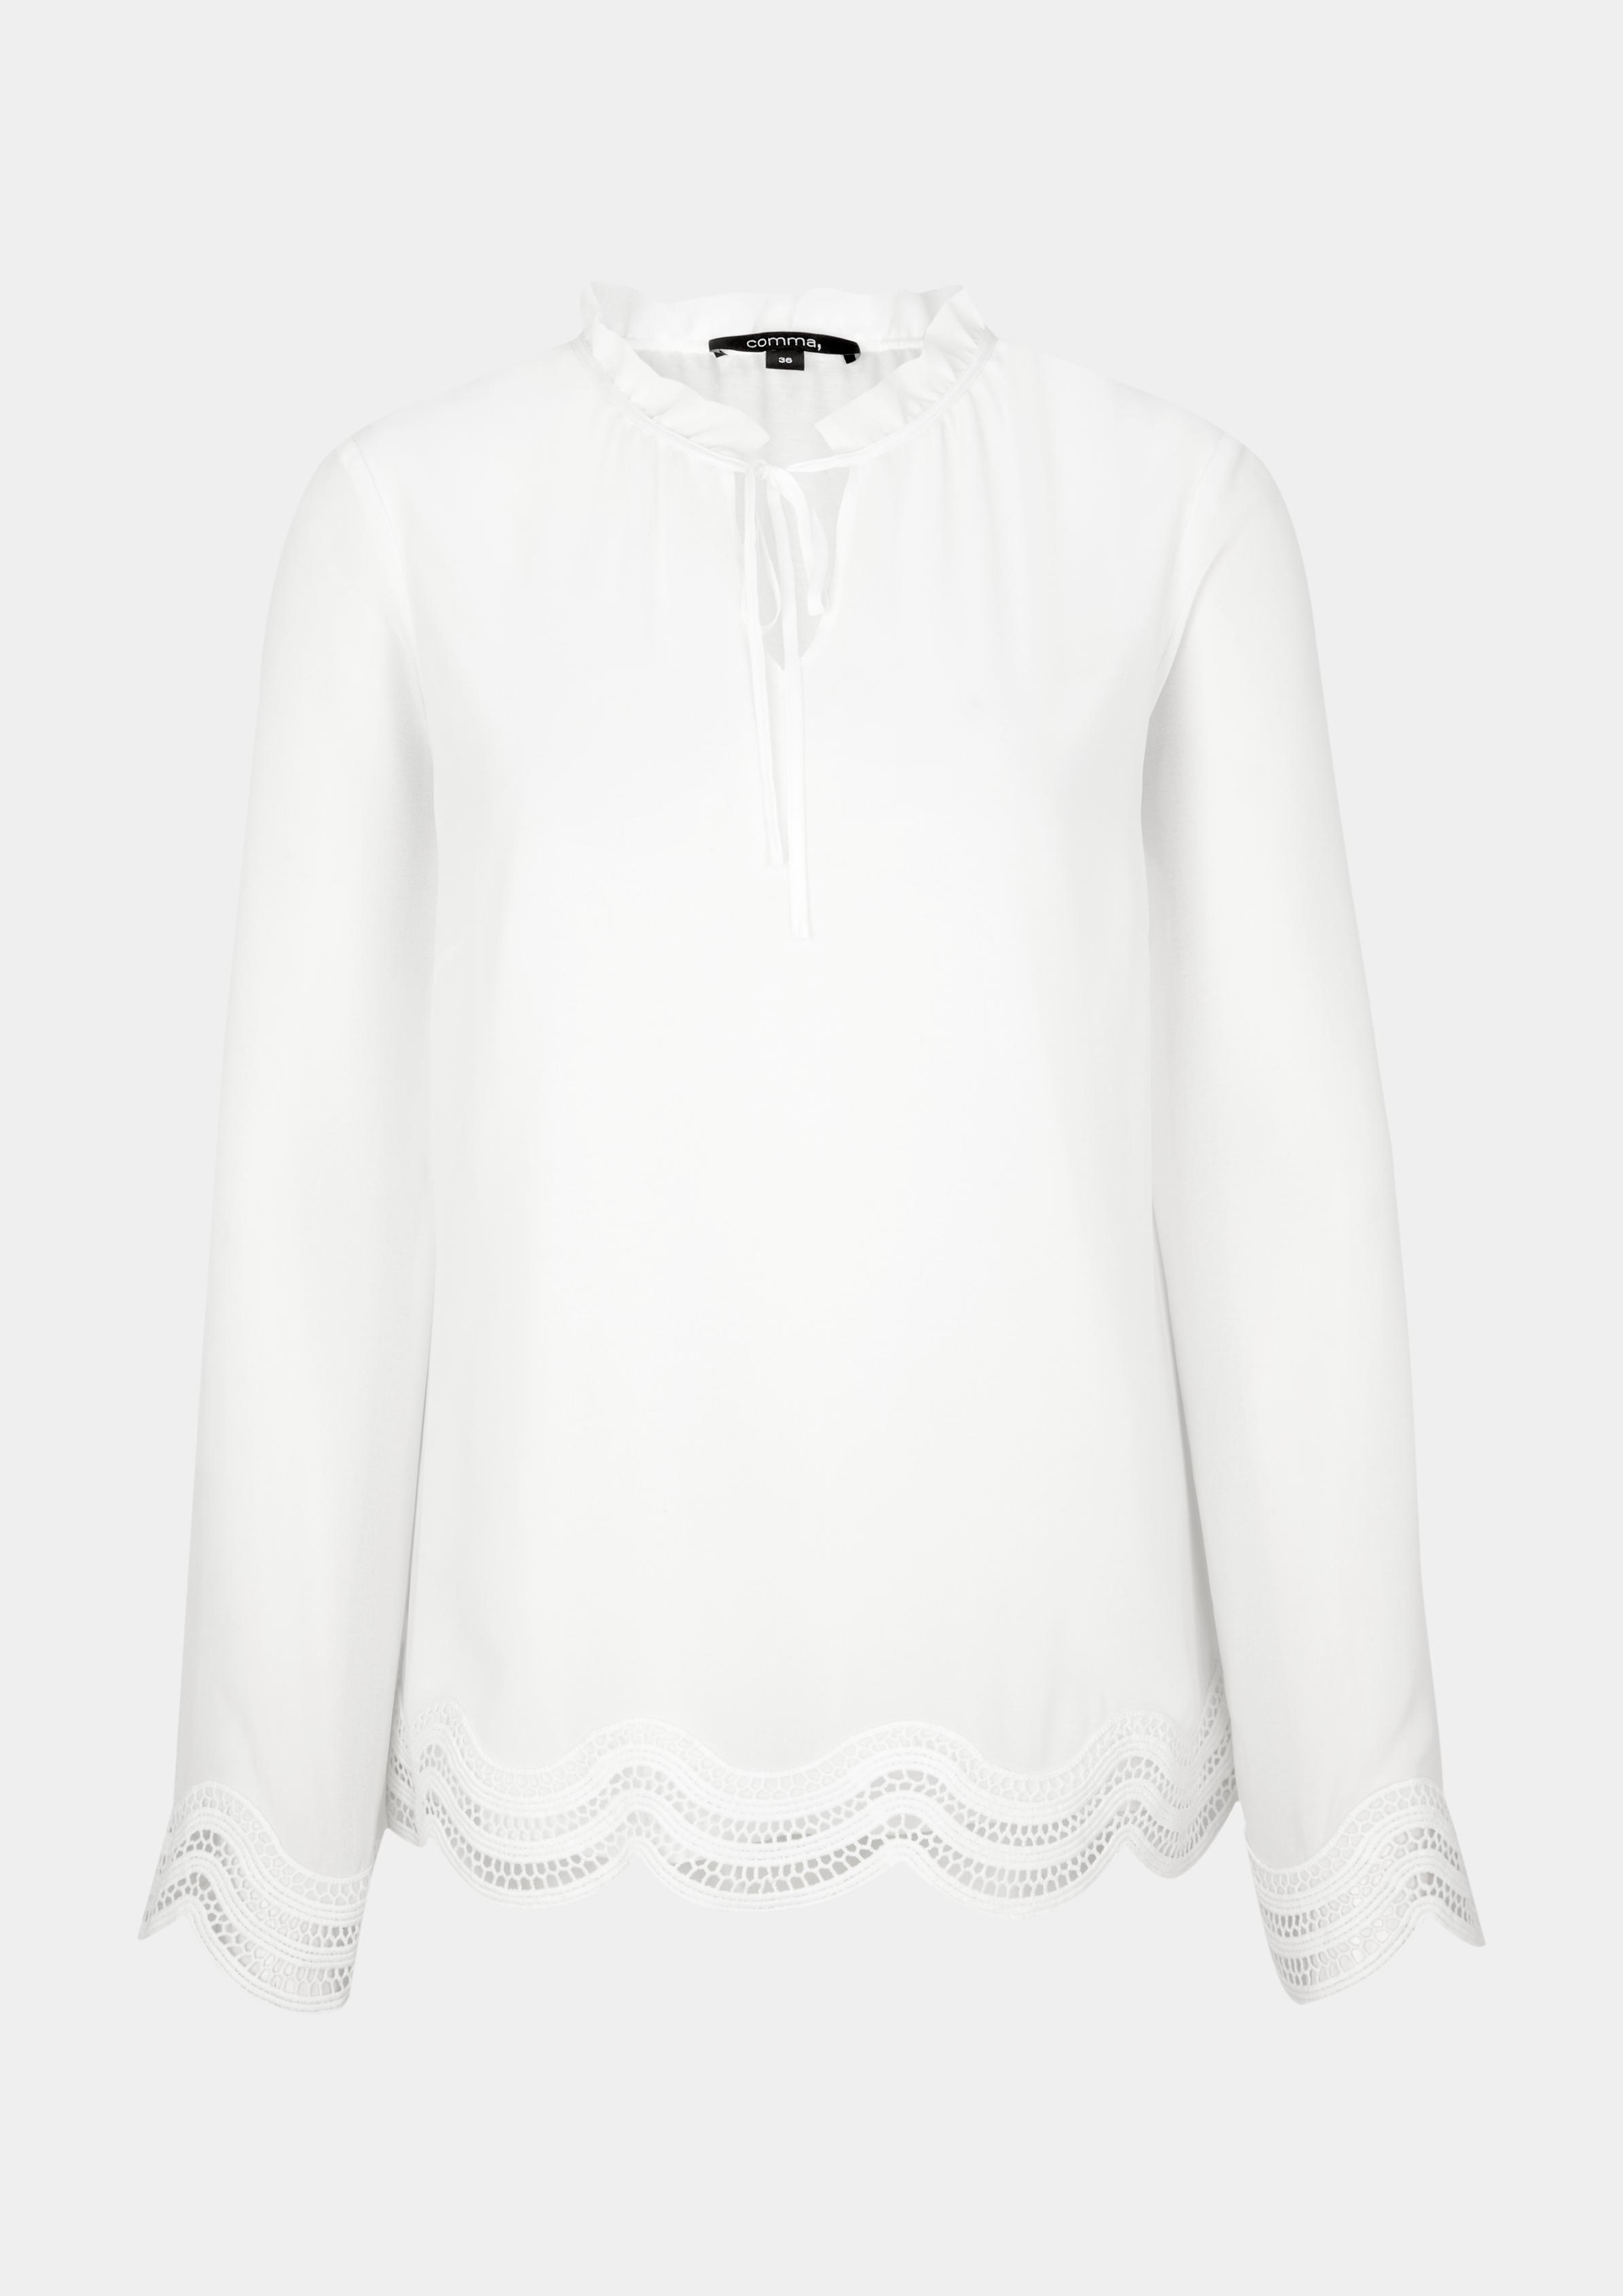 Chiffonbluse | Bekleidung > Blusen > Chiffonblusen | Weiß | Oberstoff: 100% polyester| futter: 100% viskose | comma